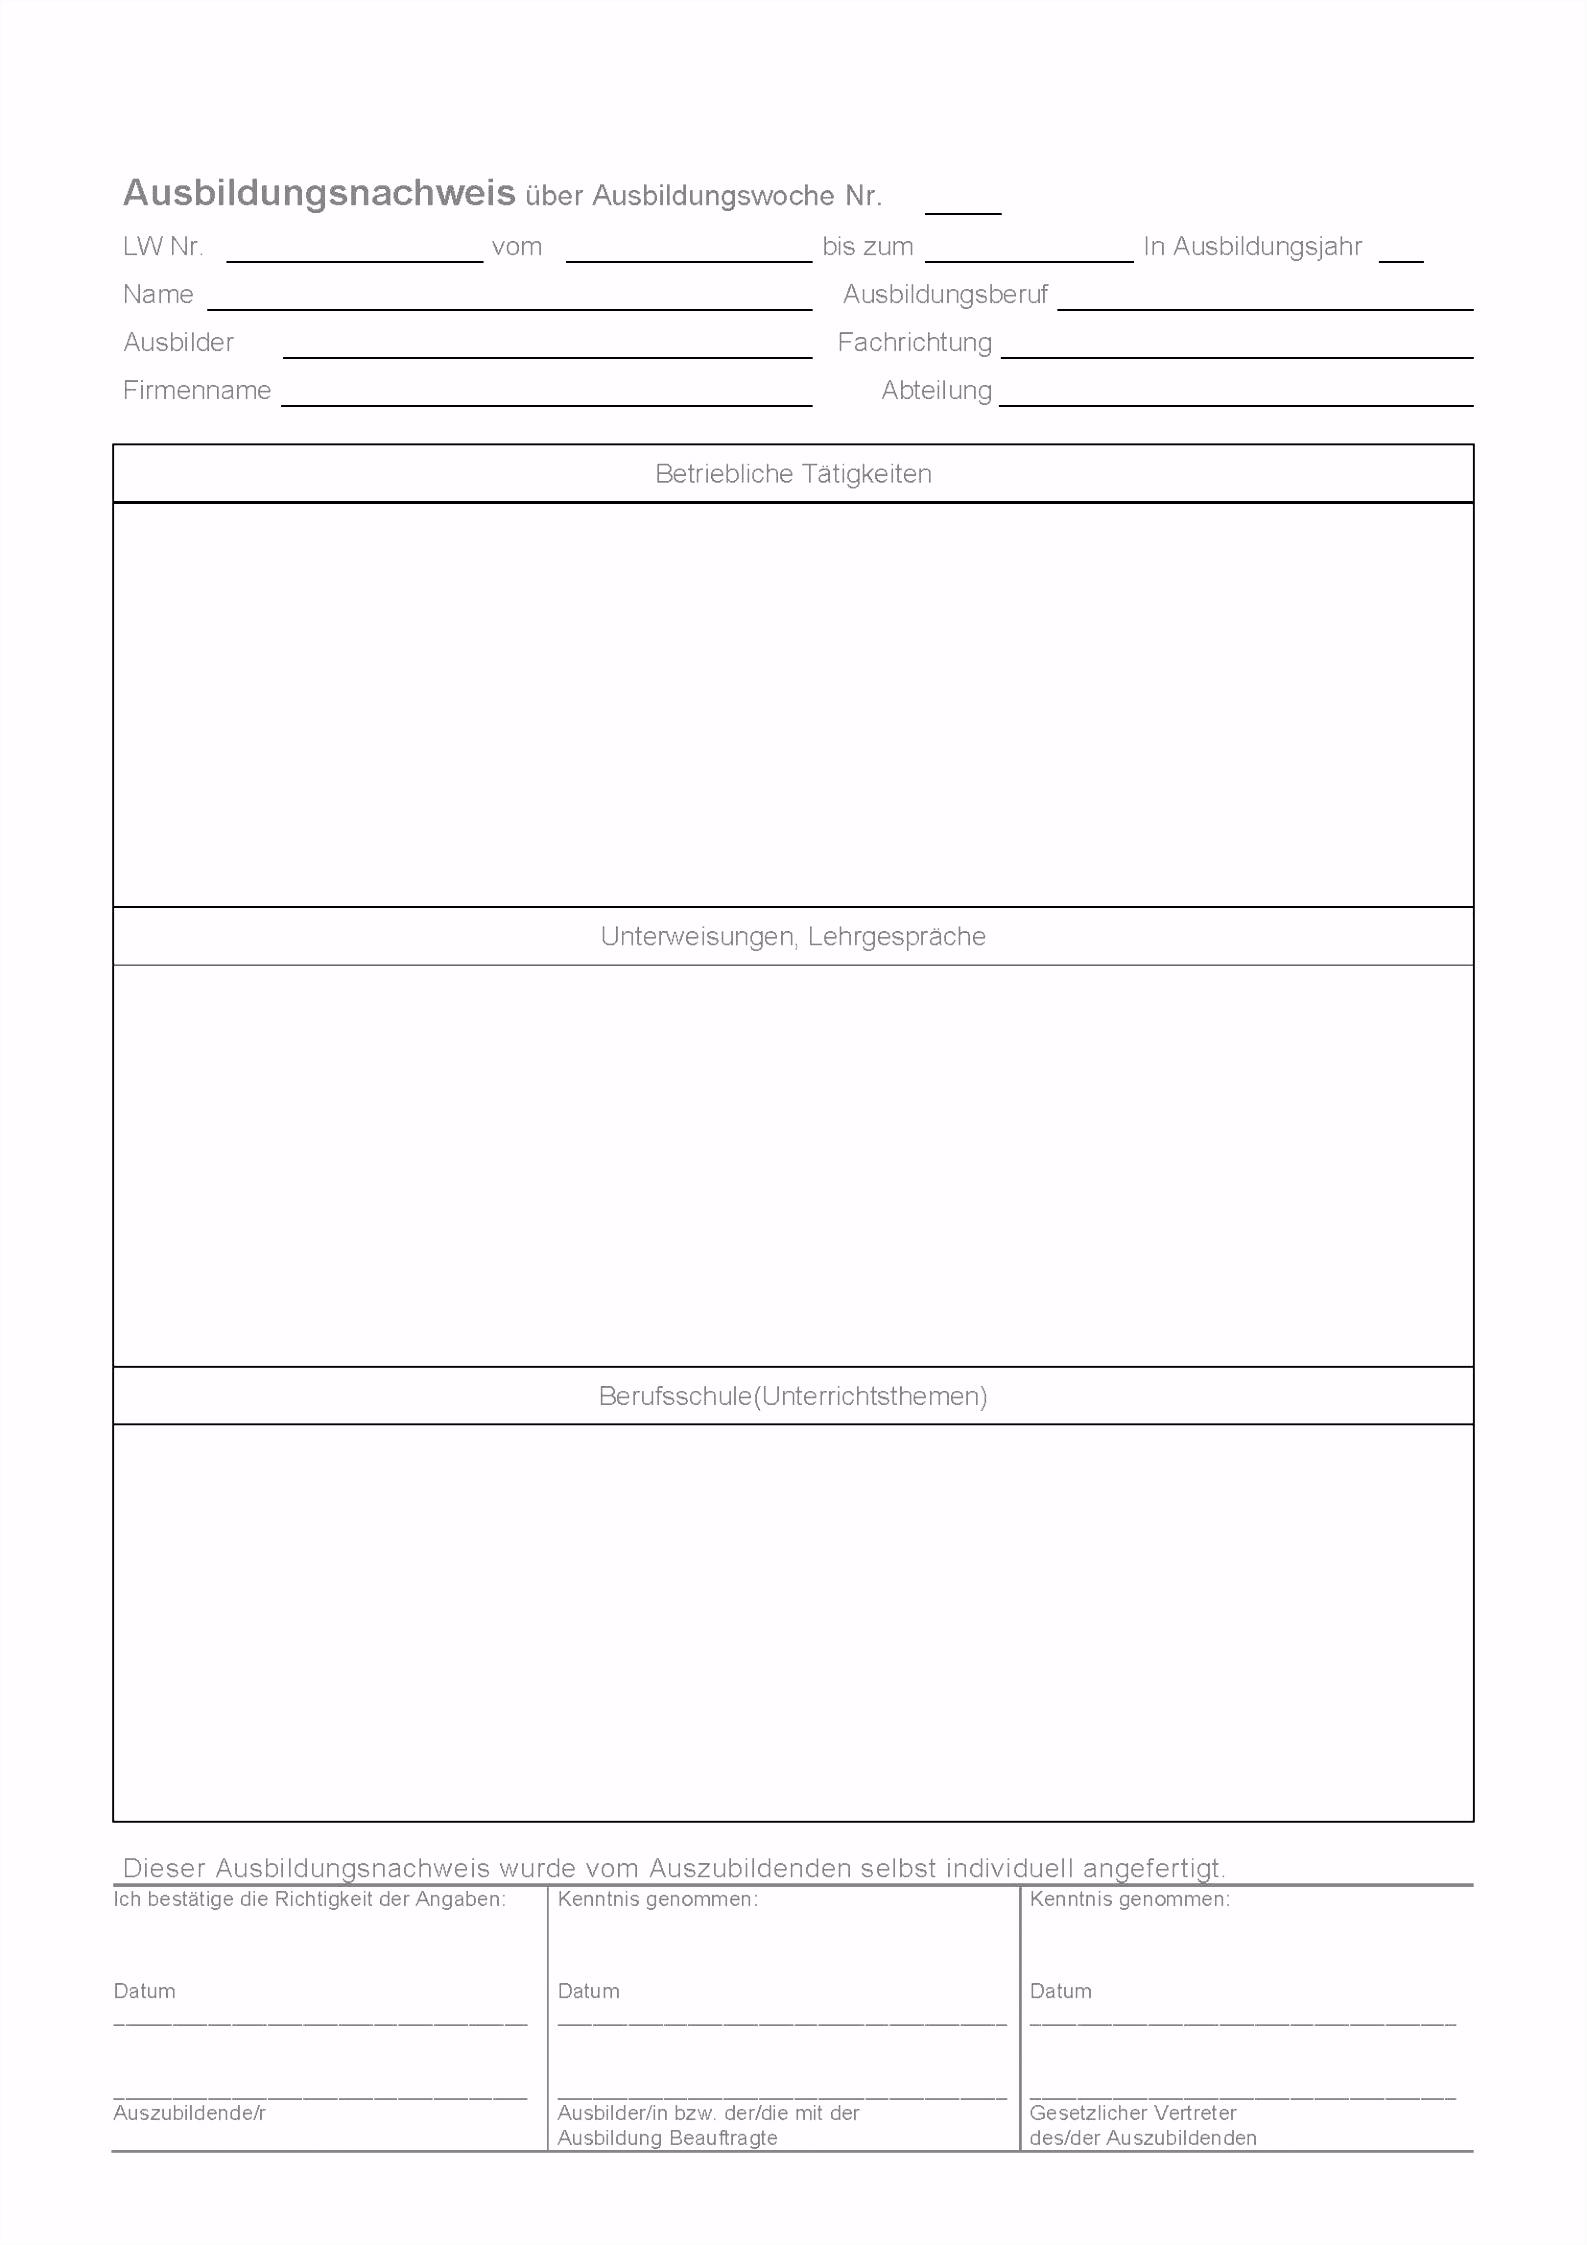 25 Detaillierte Berichtsheft Vorlage Ihk Download